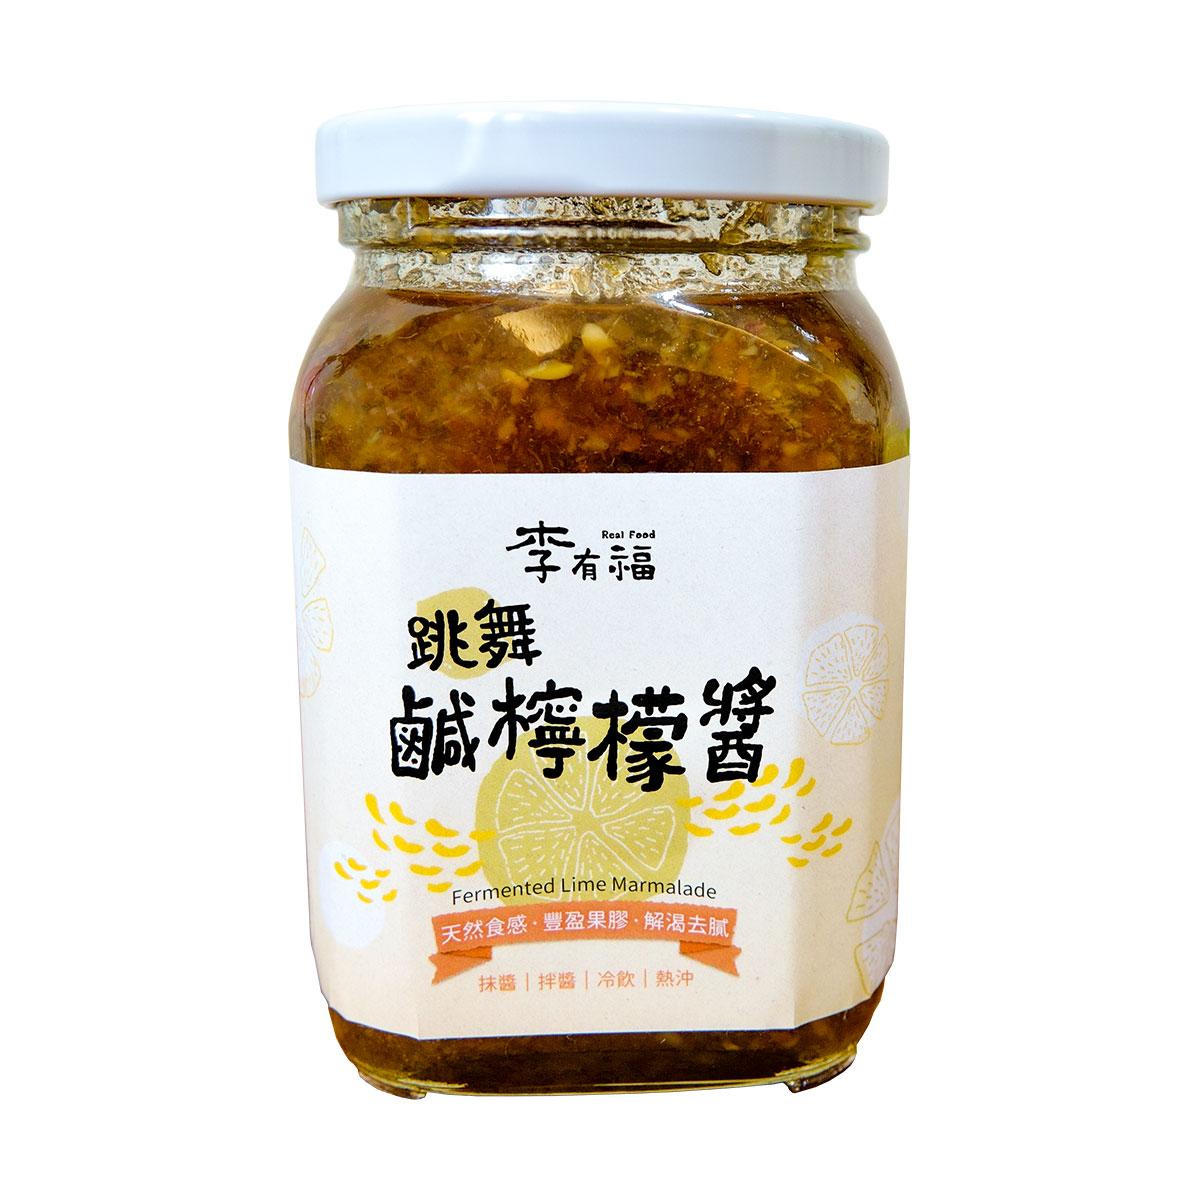 《李有福》跳舞鹹檸檬醬 (470g/瓶)